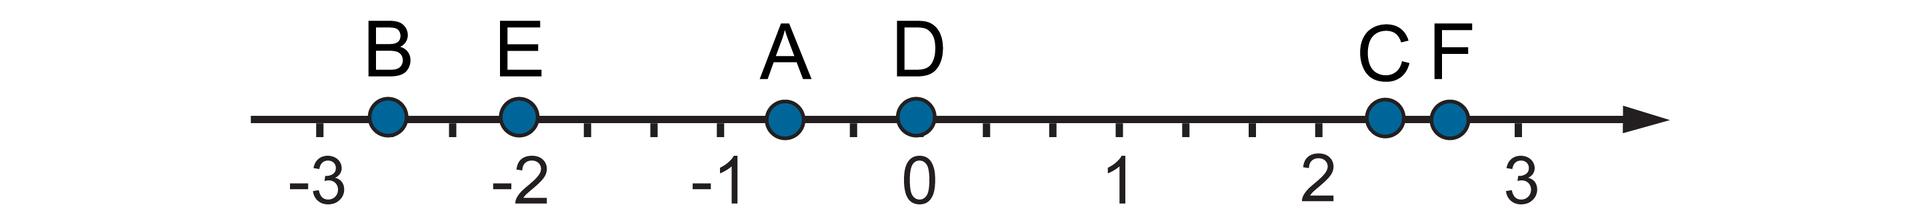 Rysunek osi liczbowej zzaznaczonymi punktami od -3 do 3. Na osi zaznaczone punkty A, B, C, D, E, Fowspółrzędnych: A= minus dwie trzecie, B= minus dwa idwie trzecie, C= dwa ijedna trzecia, D=0, E=-2, F= dwa idwie trzecie.